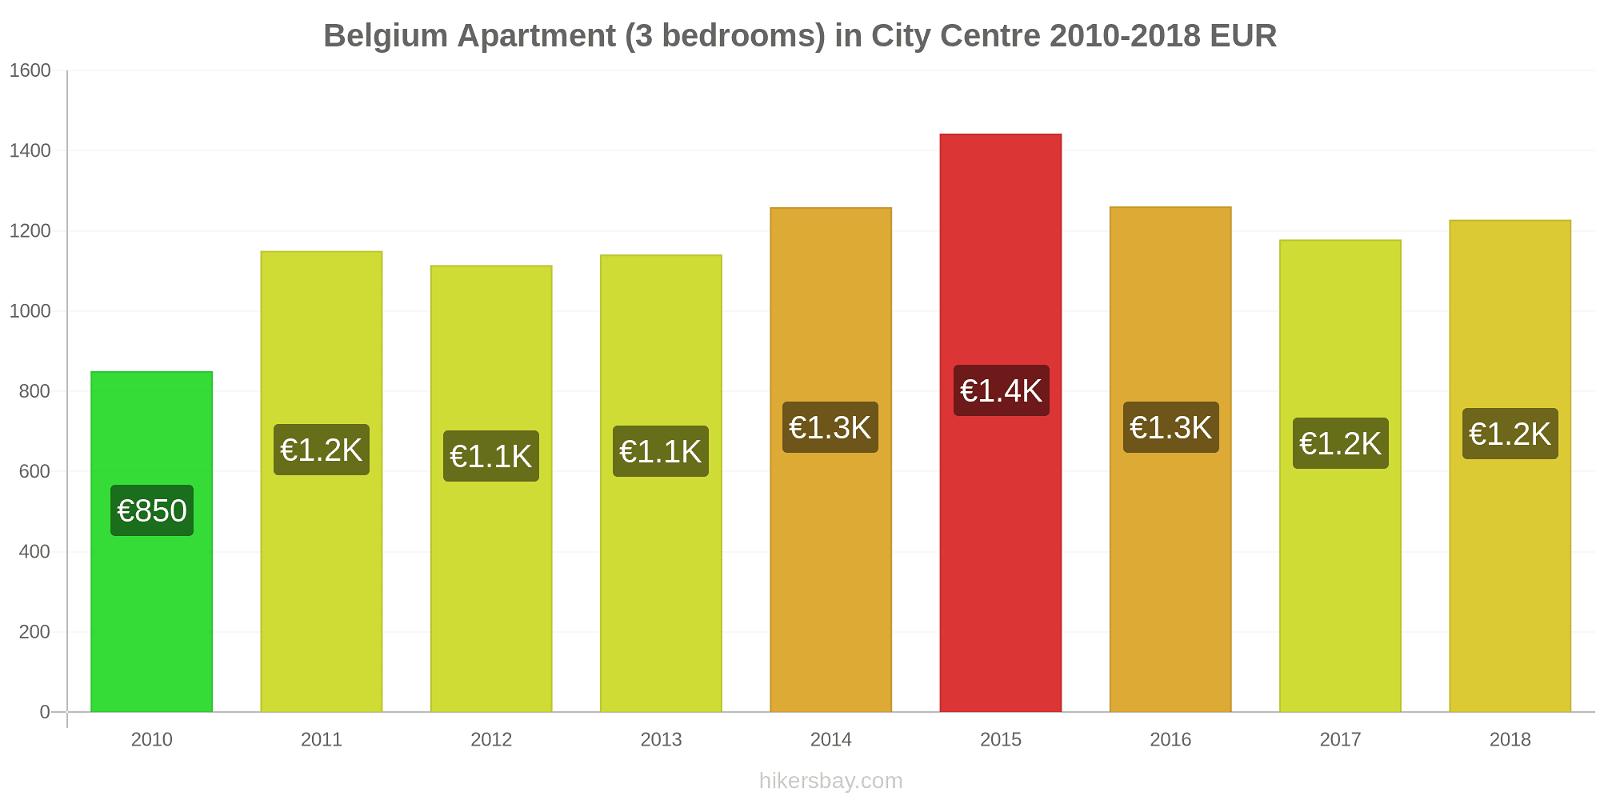 Belgium price changes Apartment (3 bedrooms) in City Centre hikersbay.com